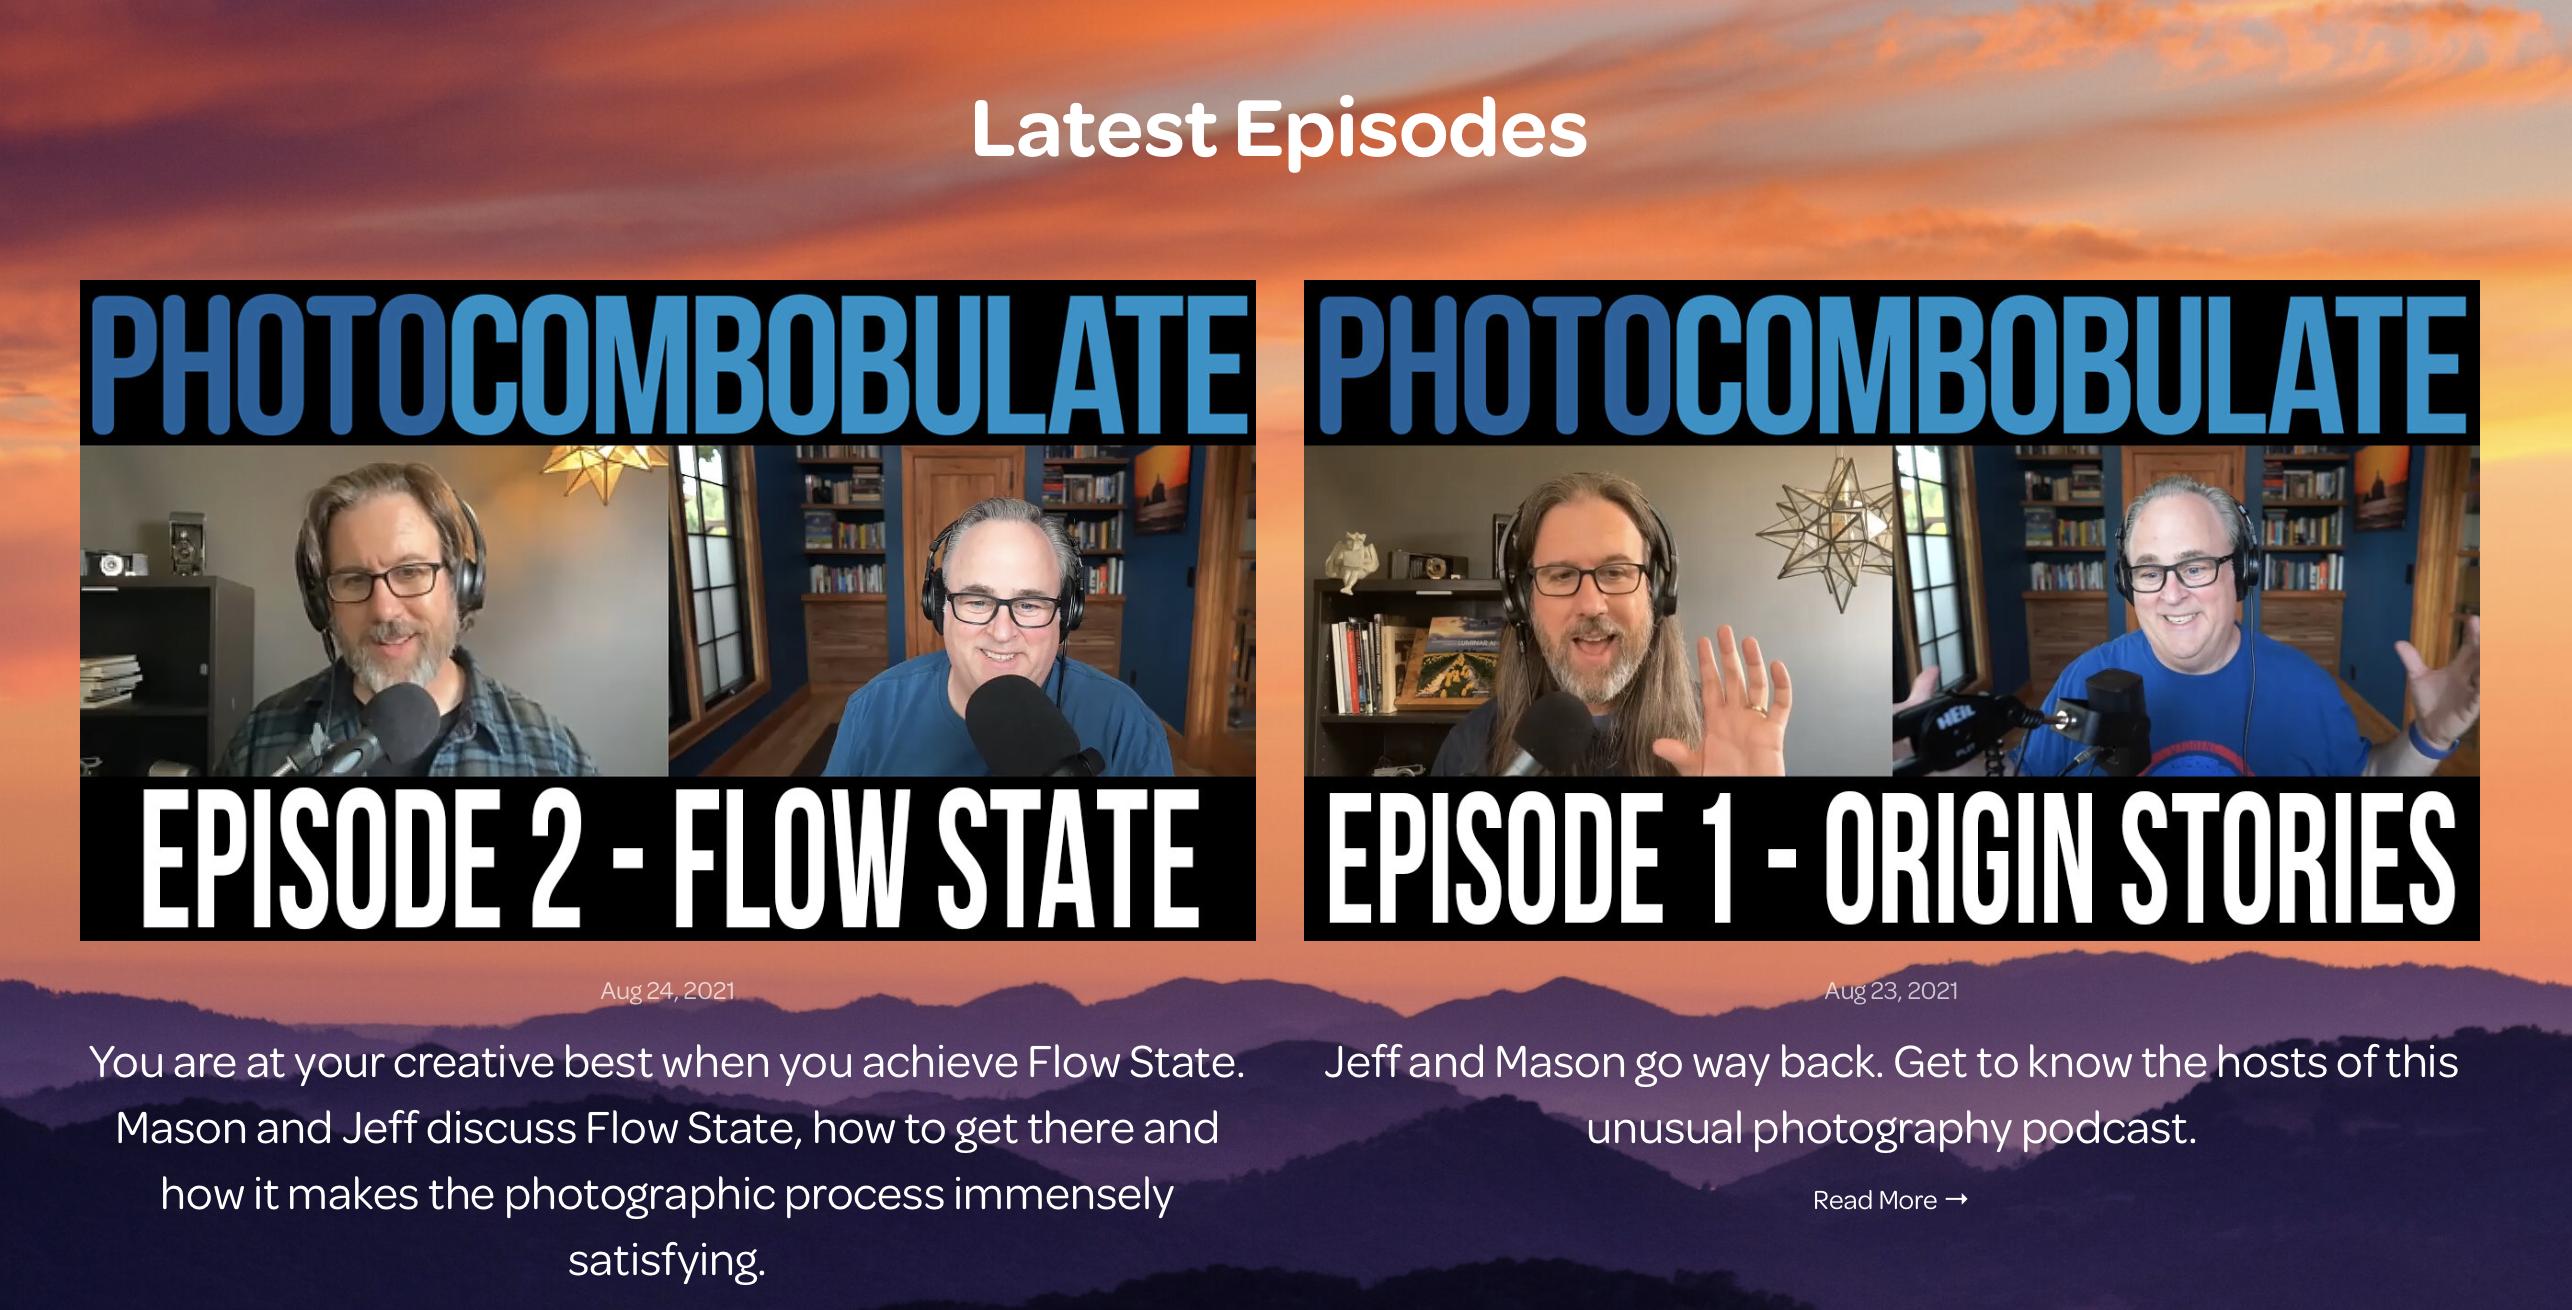 photocombobulate-first-episodes